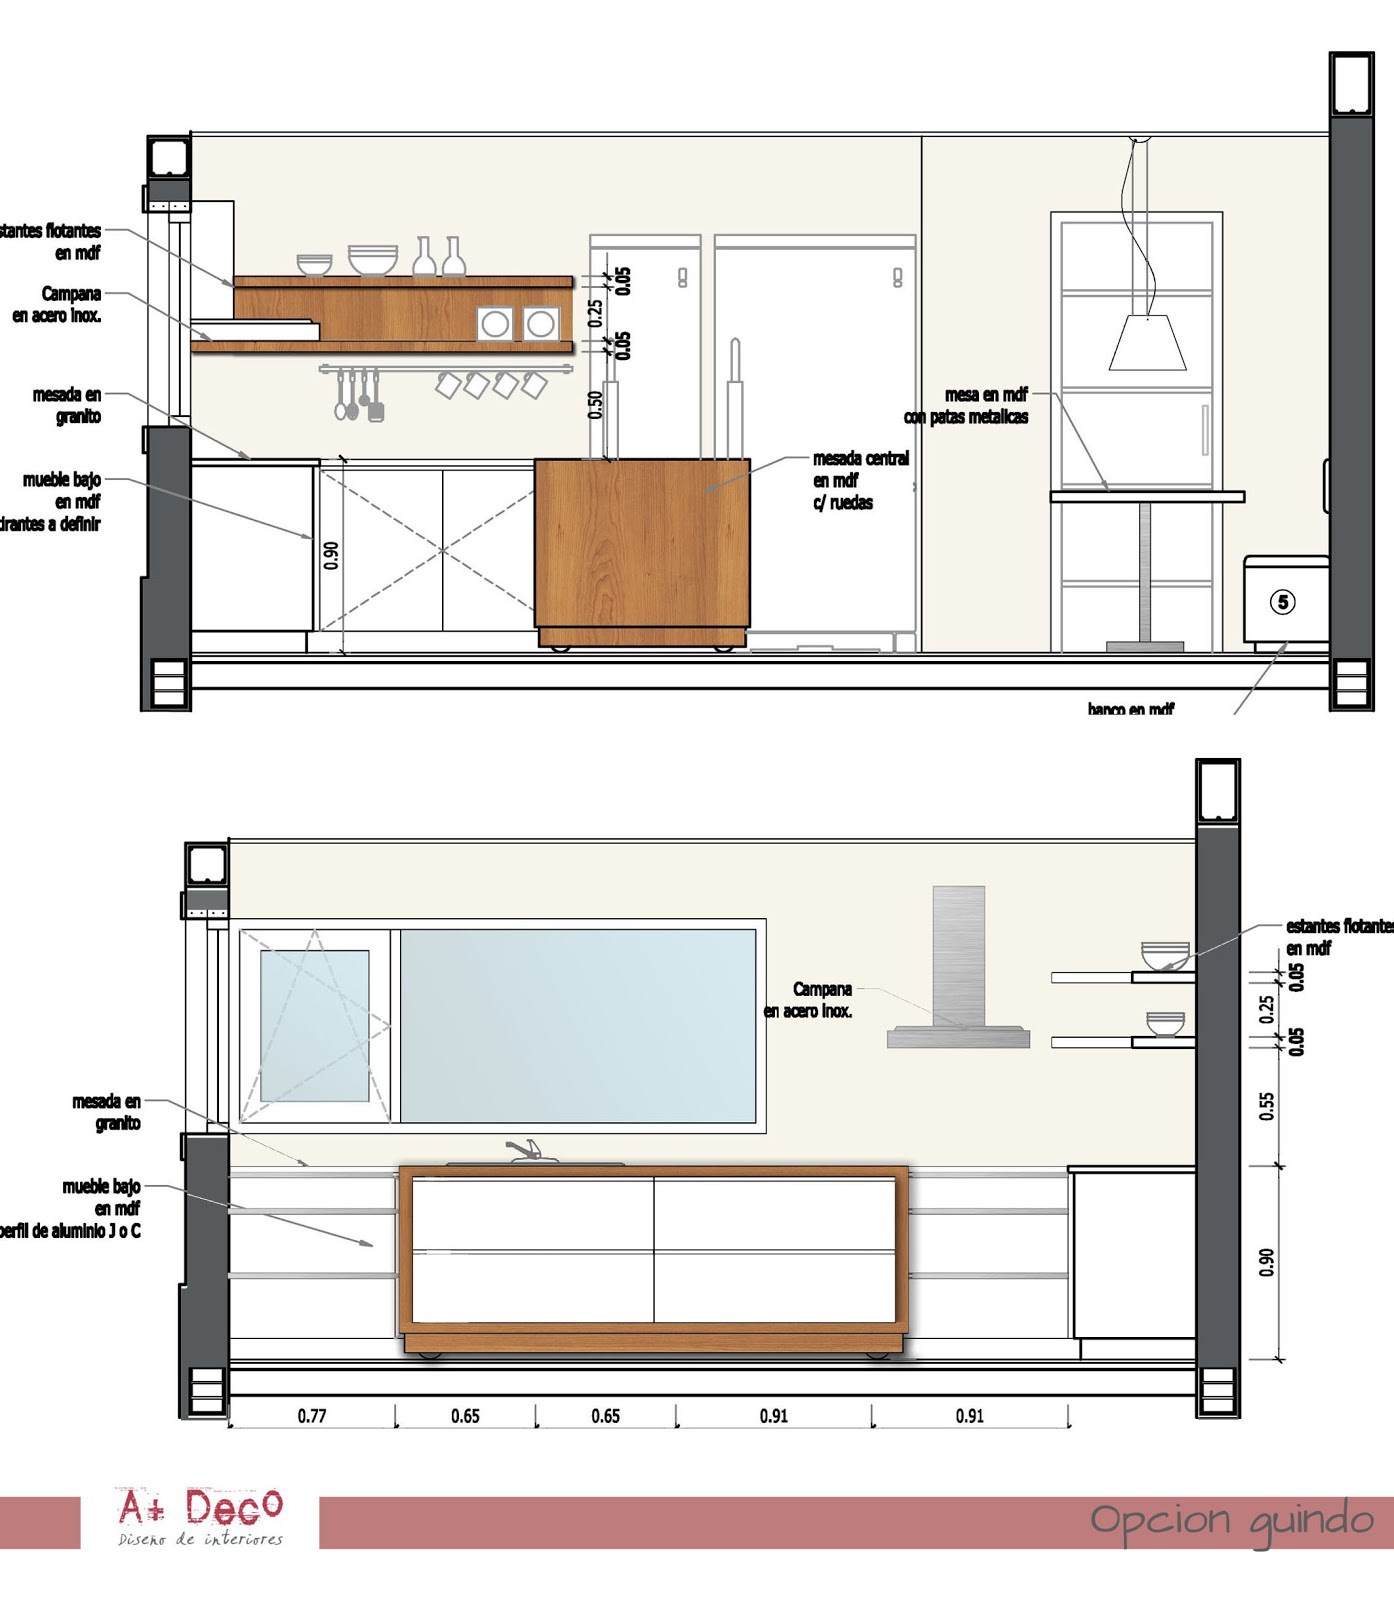 fotos y planos de muebles de cocina ideas